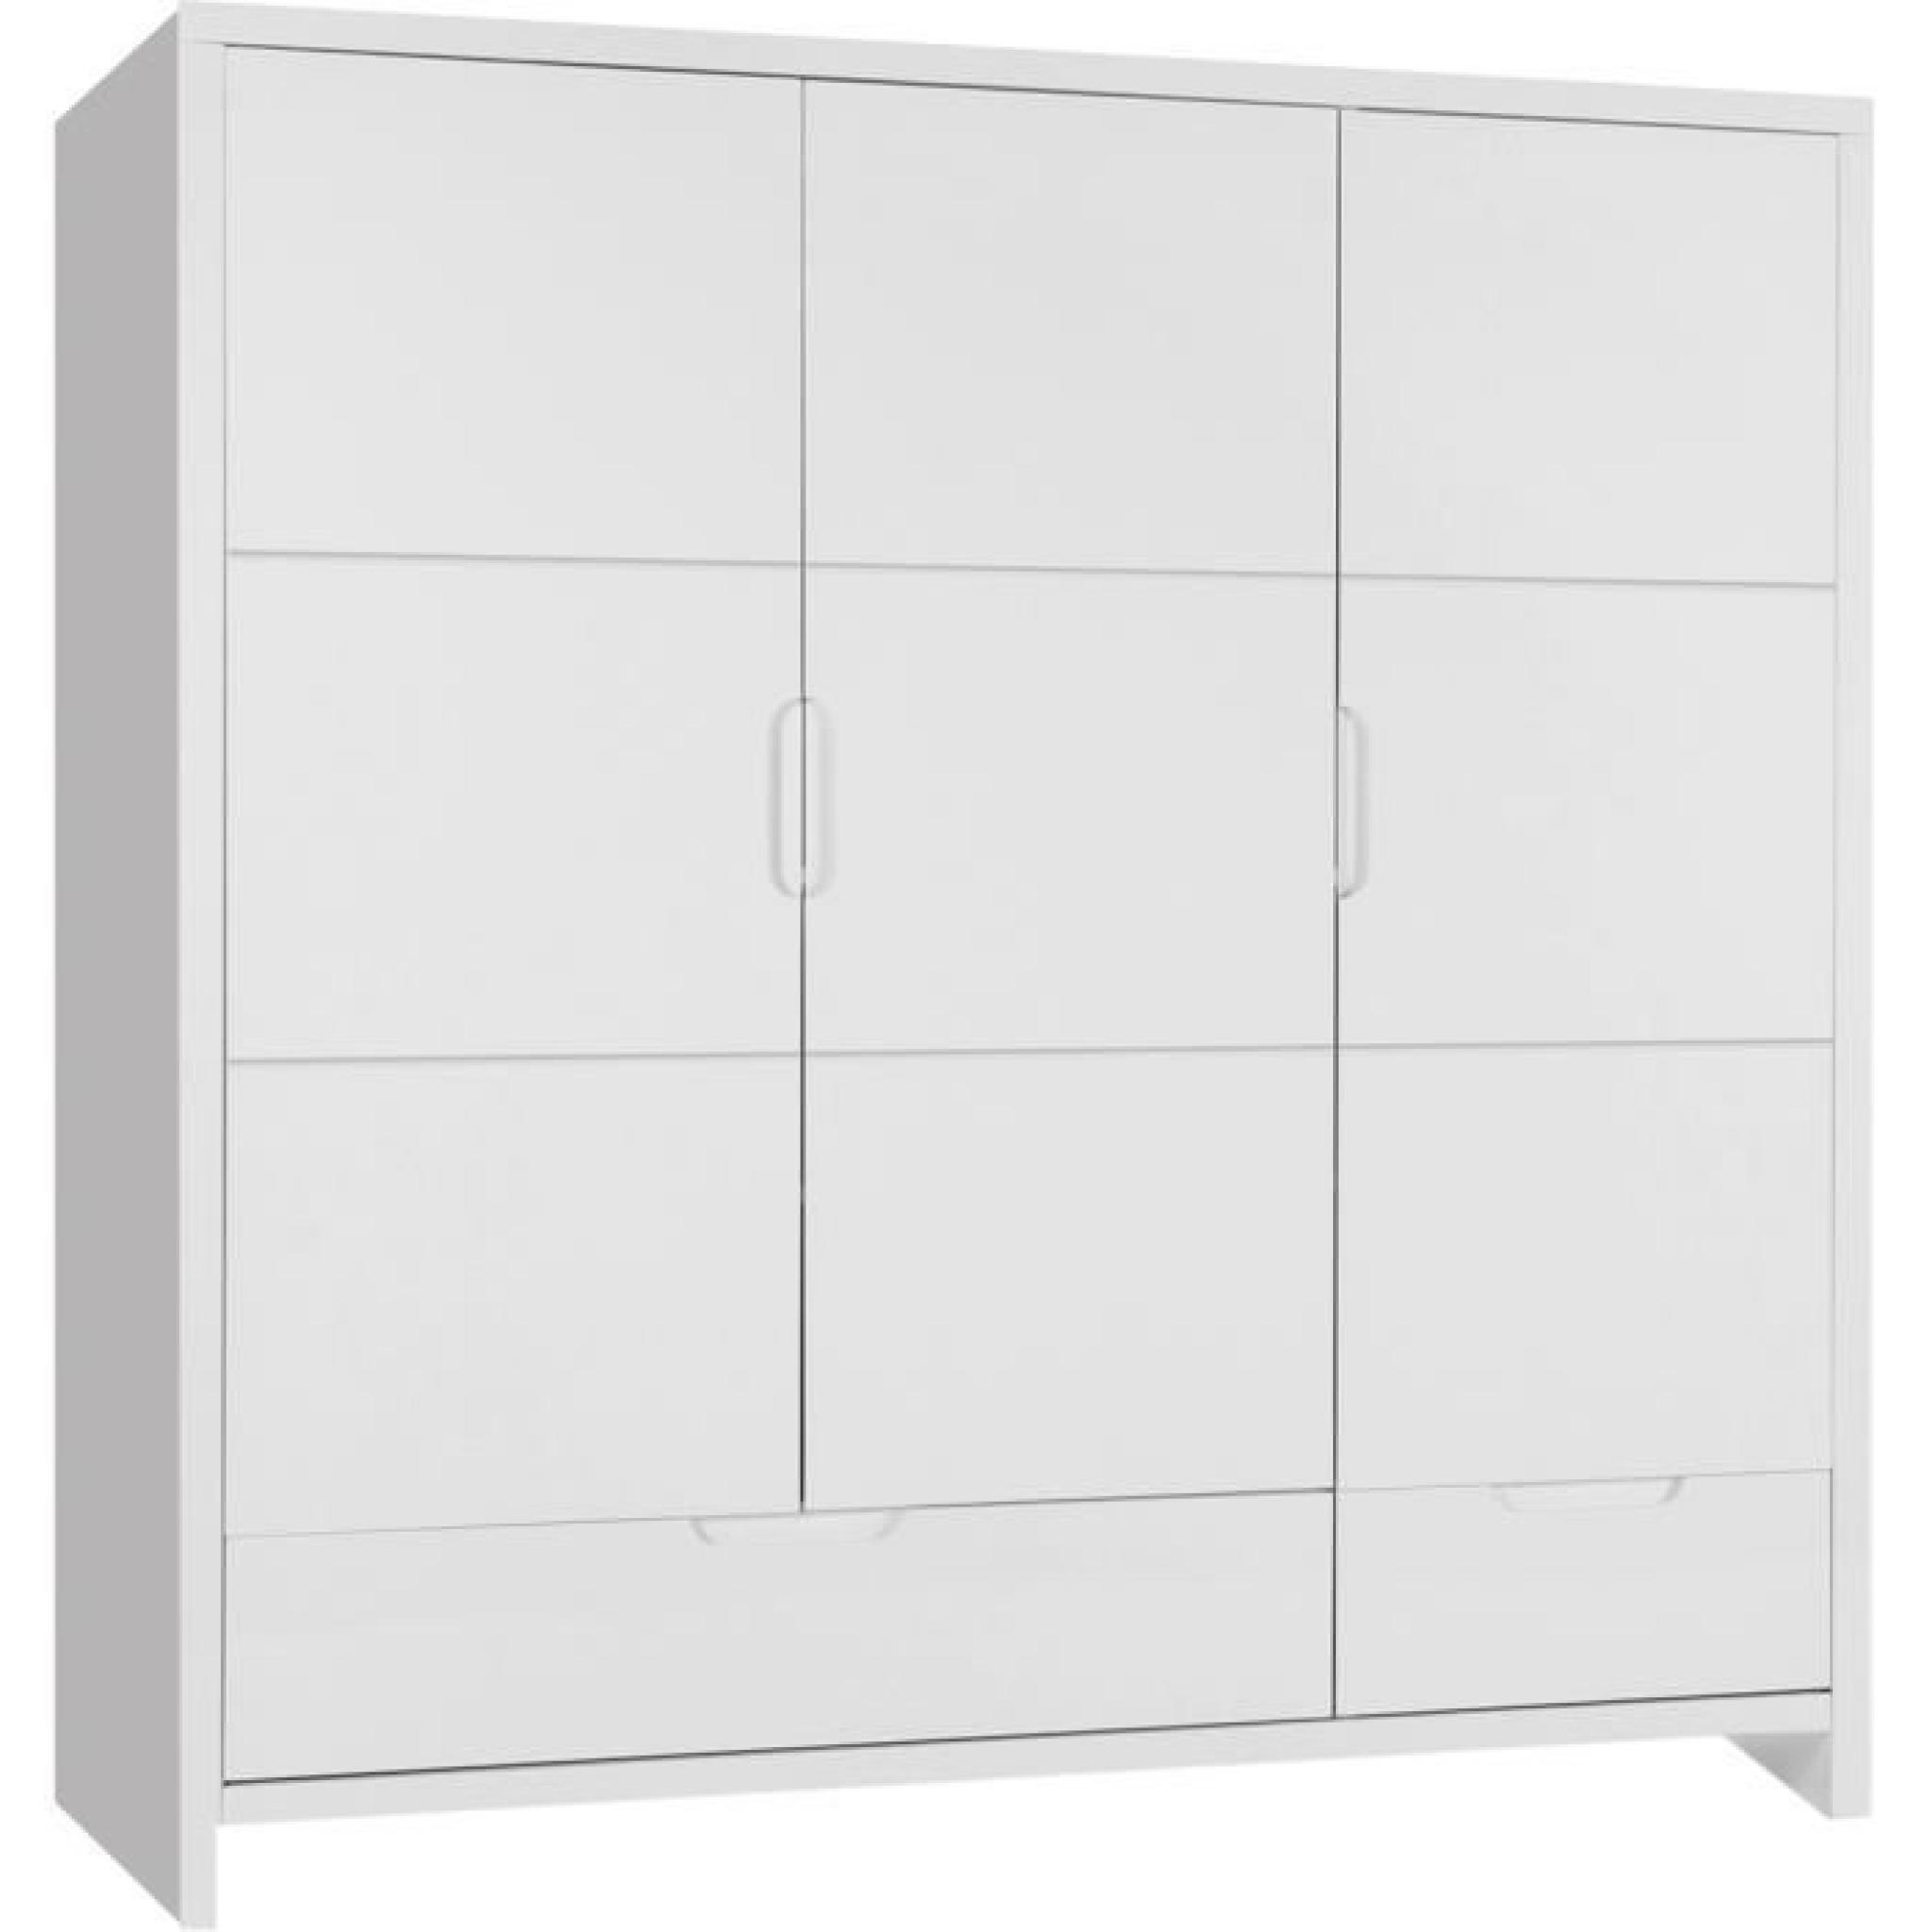 Armoire pour bébé à 3 portes et 2 tiroirs design moderne blanc ...